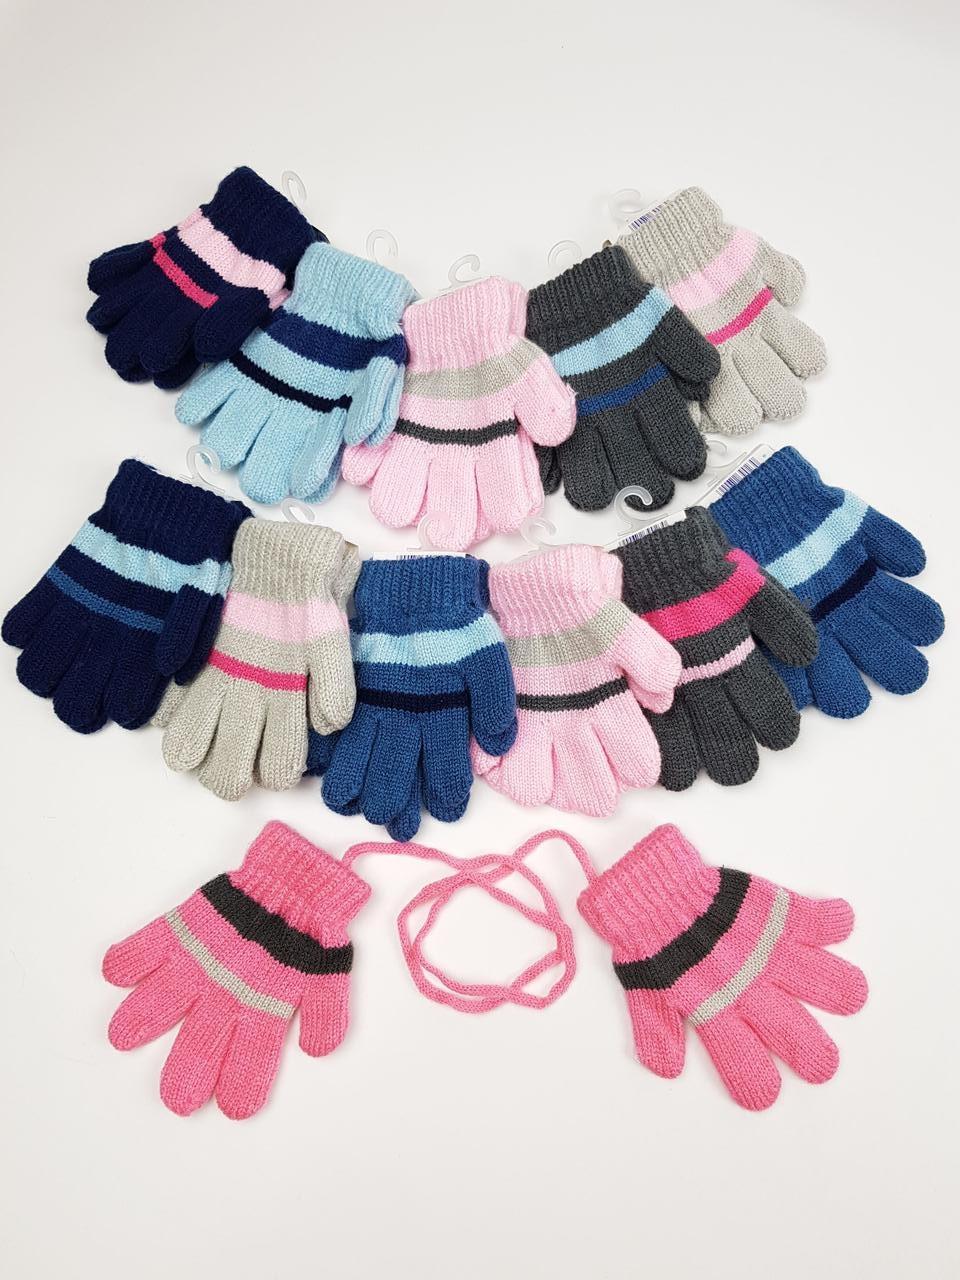 Дитячі польські рукавички для дівчат р.11см (6-12 міс) (12шт. набір)